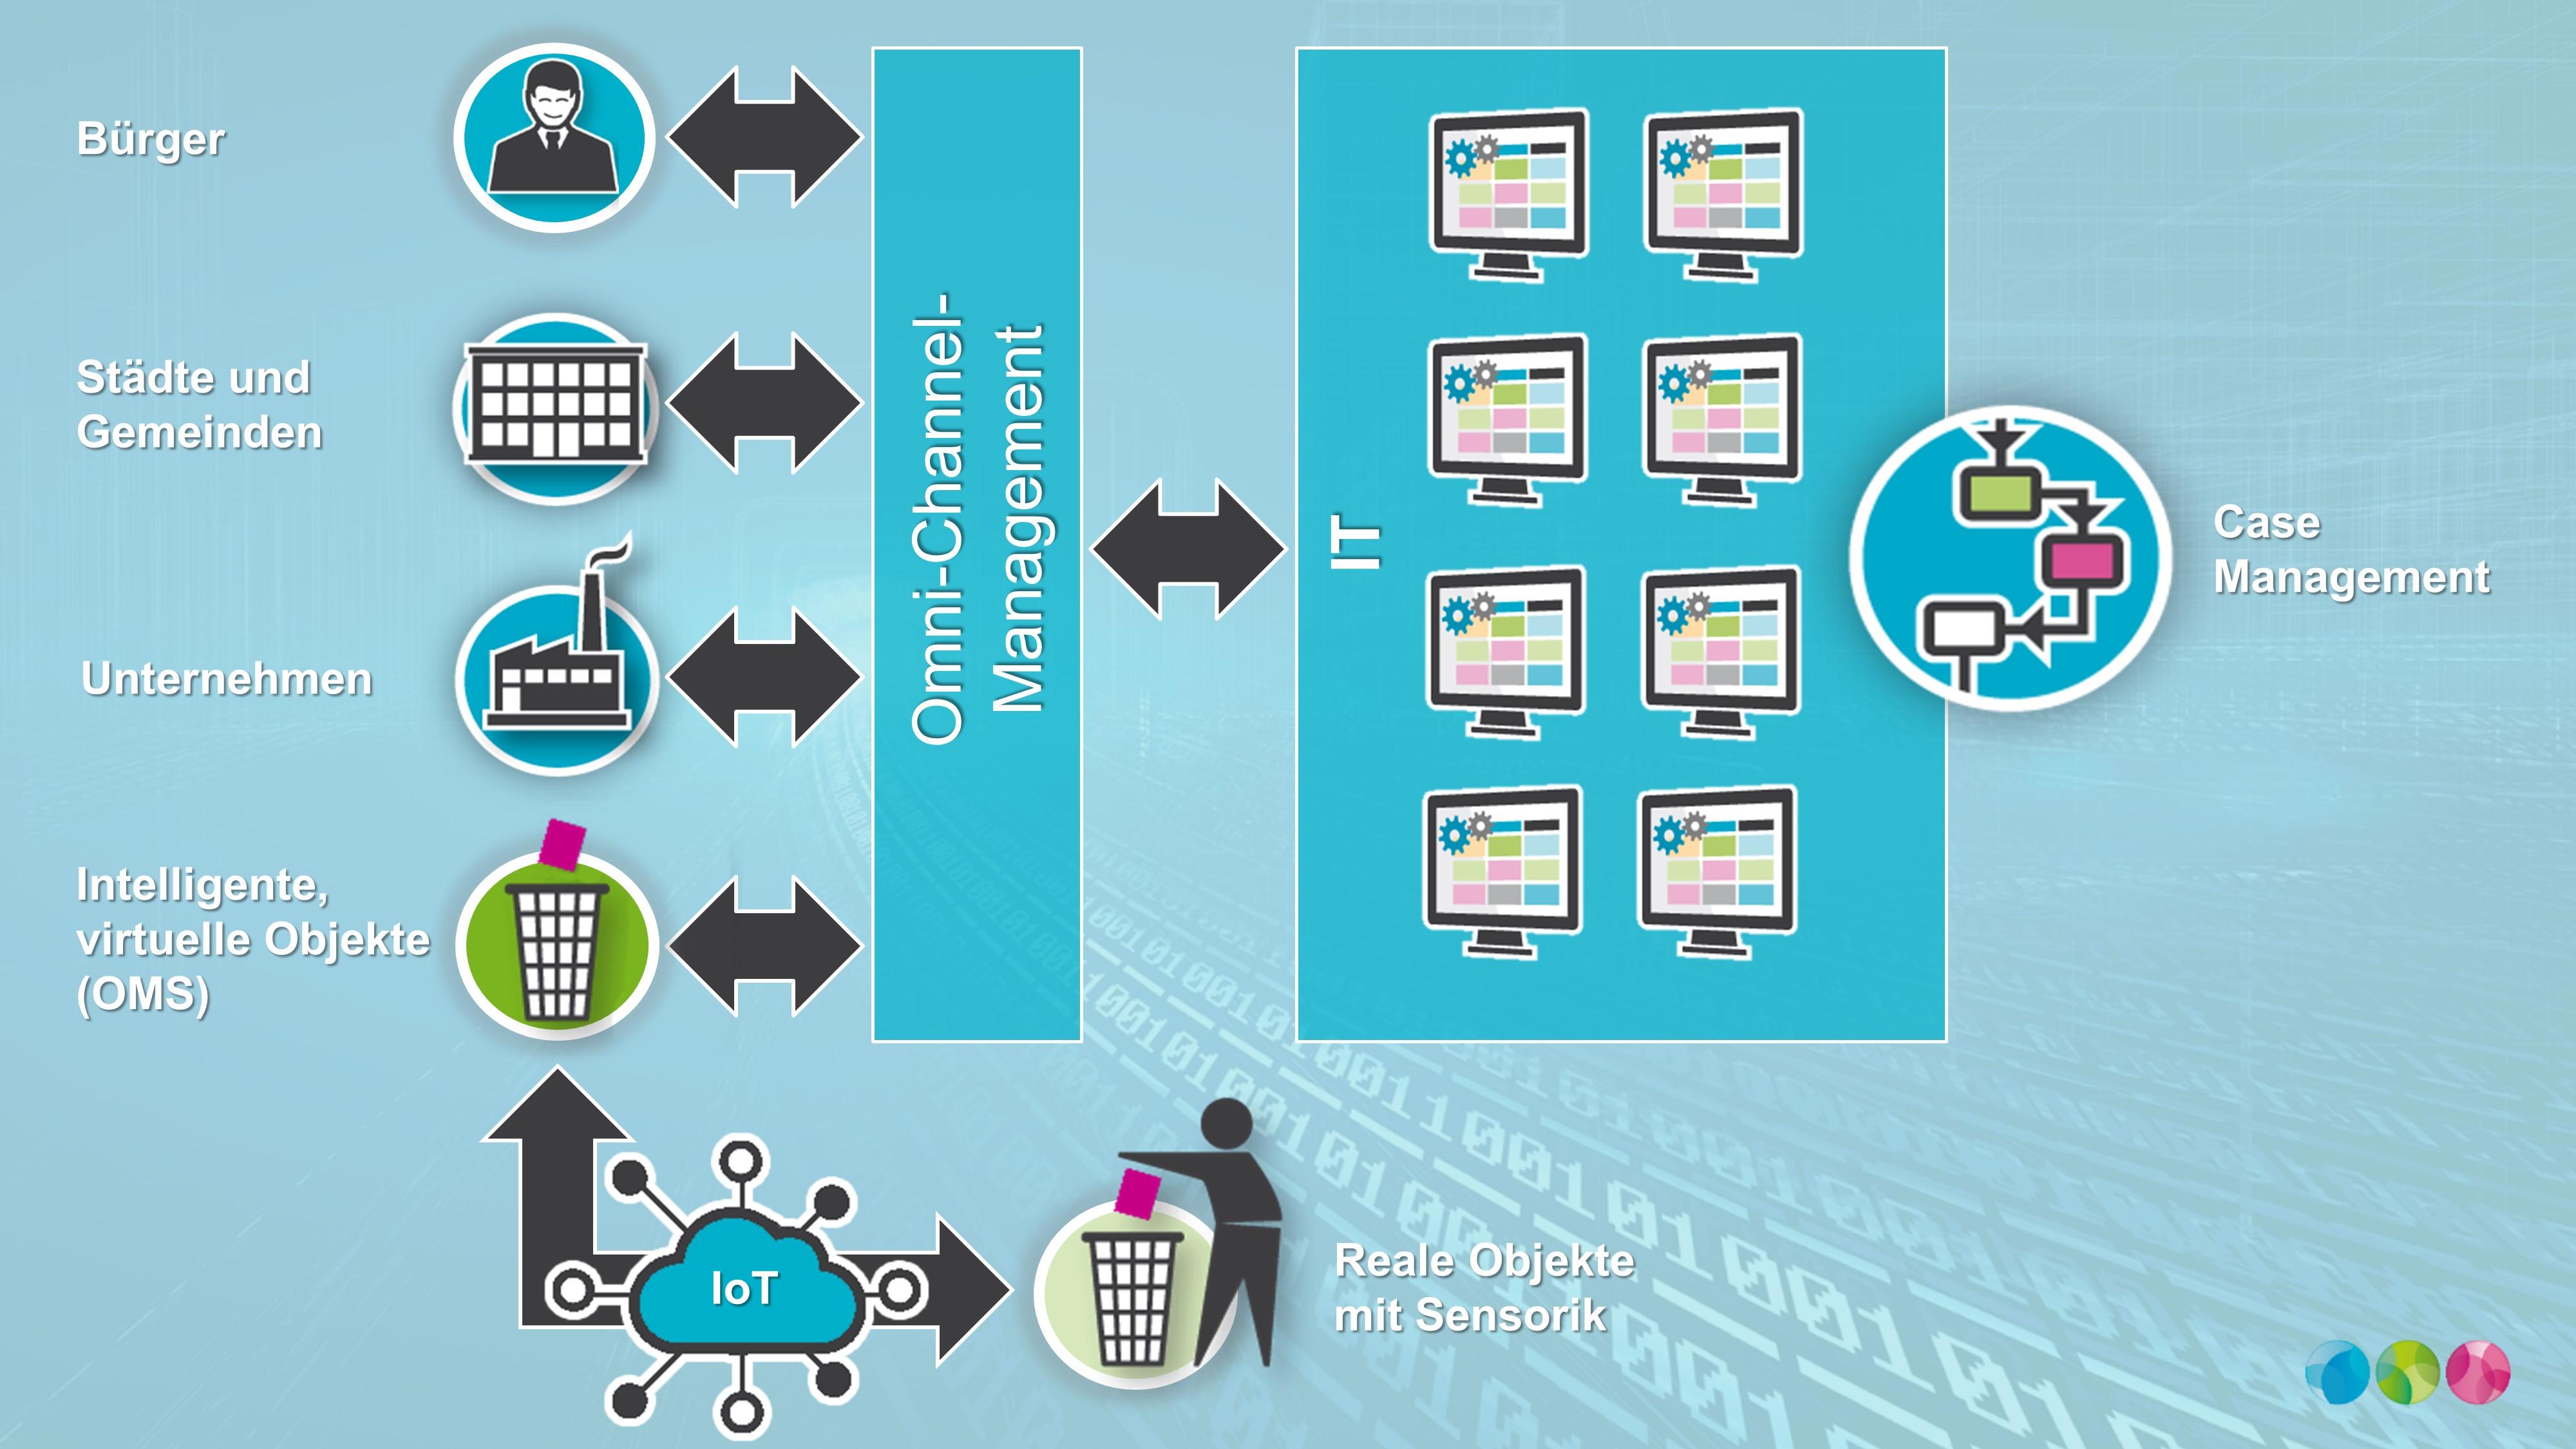 Mittels Sensorik werden reale Objekte zur digitalen Informationsquelle im OMS.